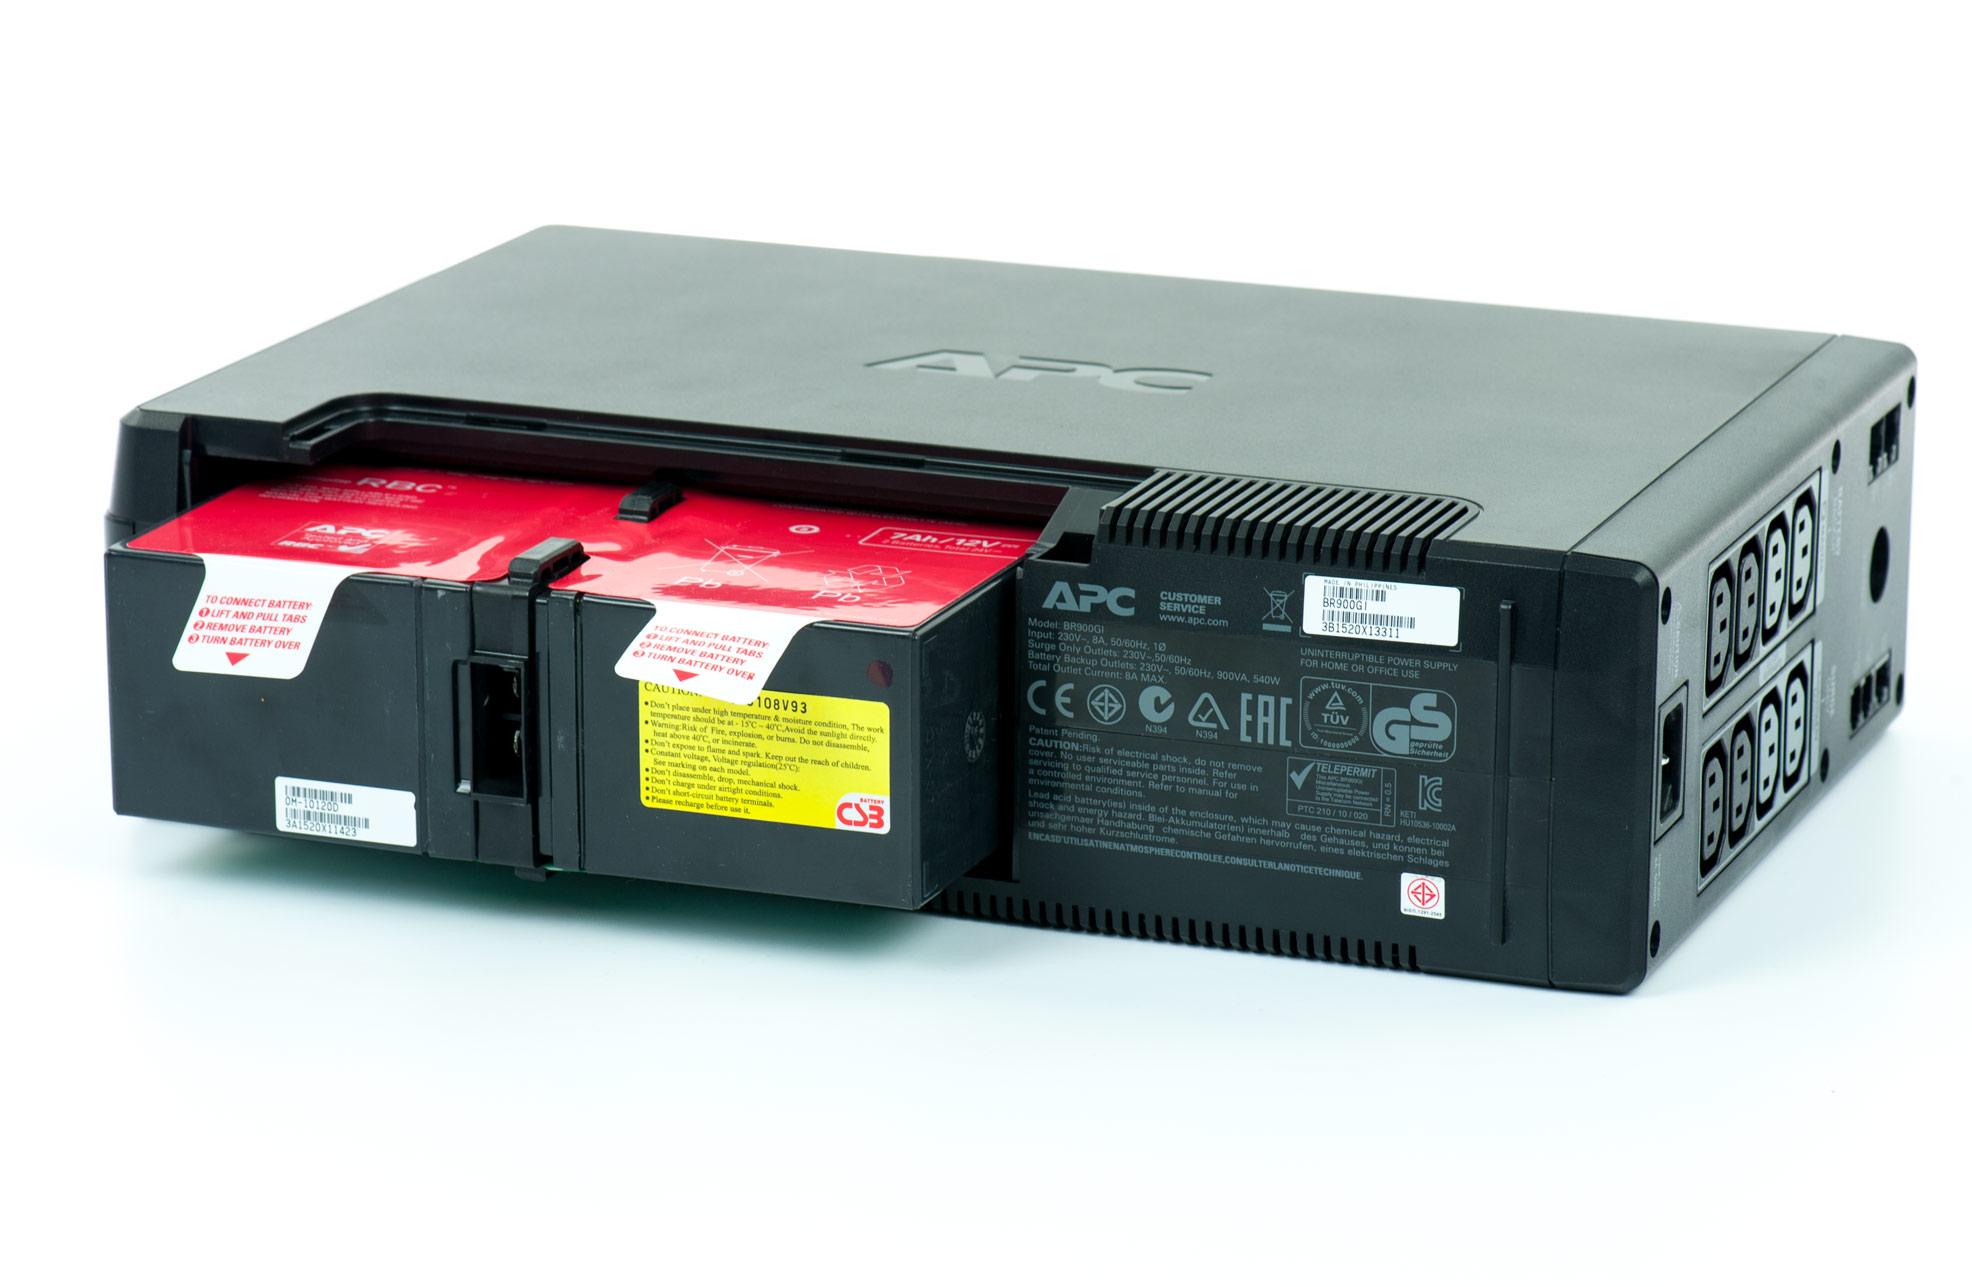 APC model Back-UPS Pro 900 - bateria na czas trnasportu